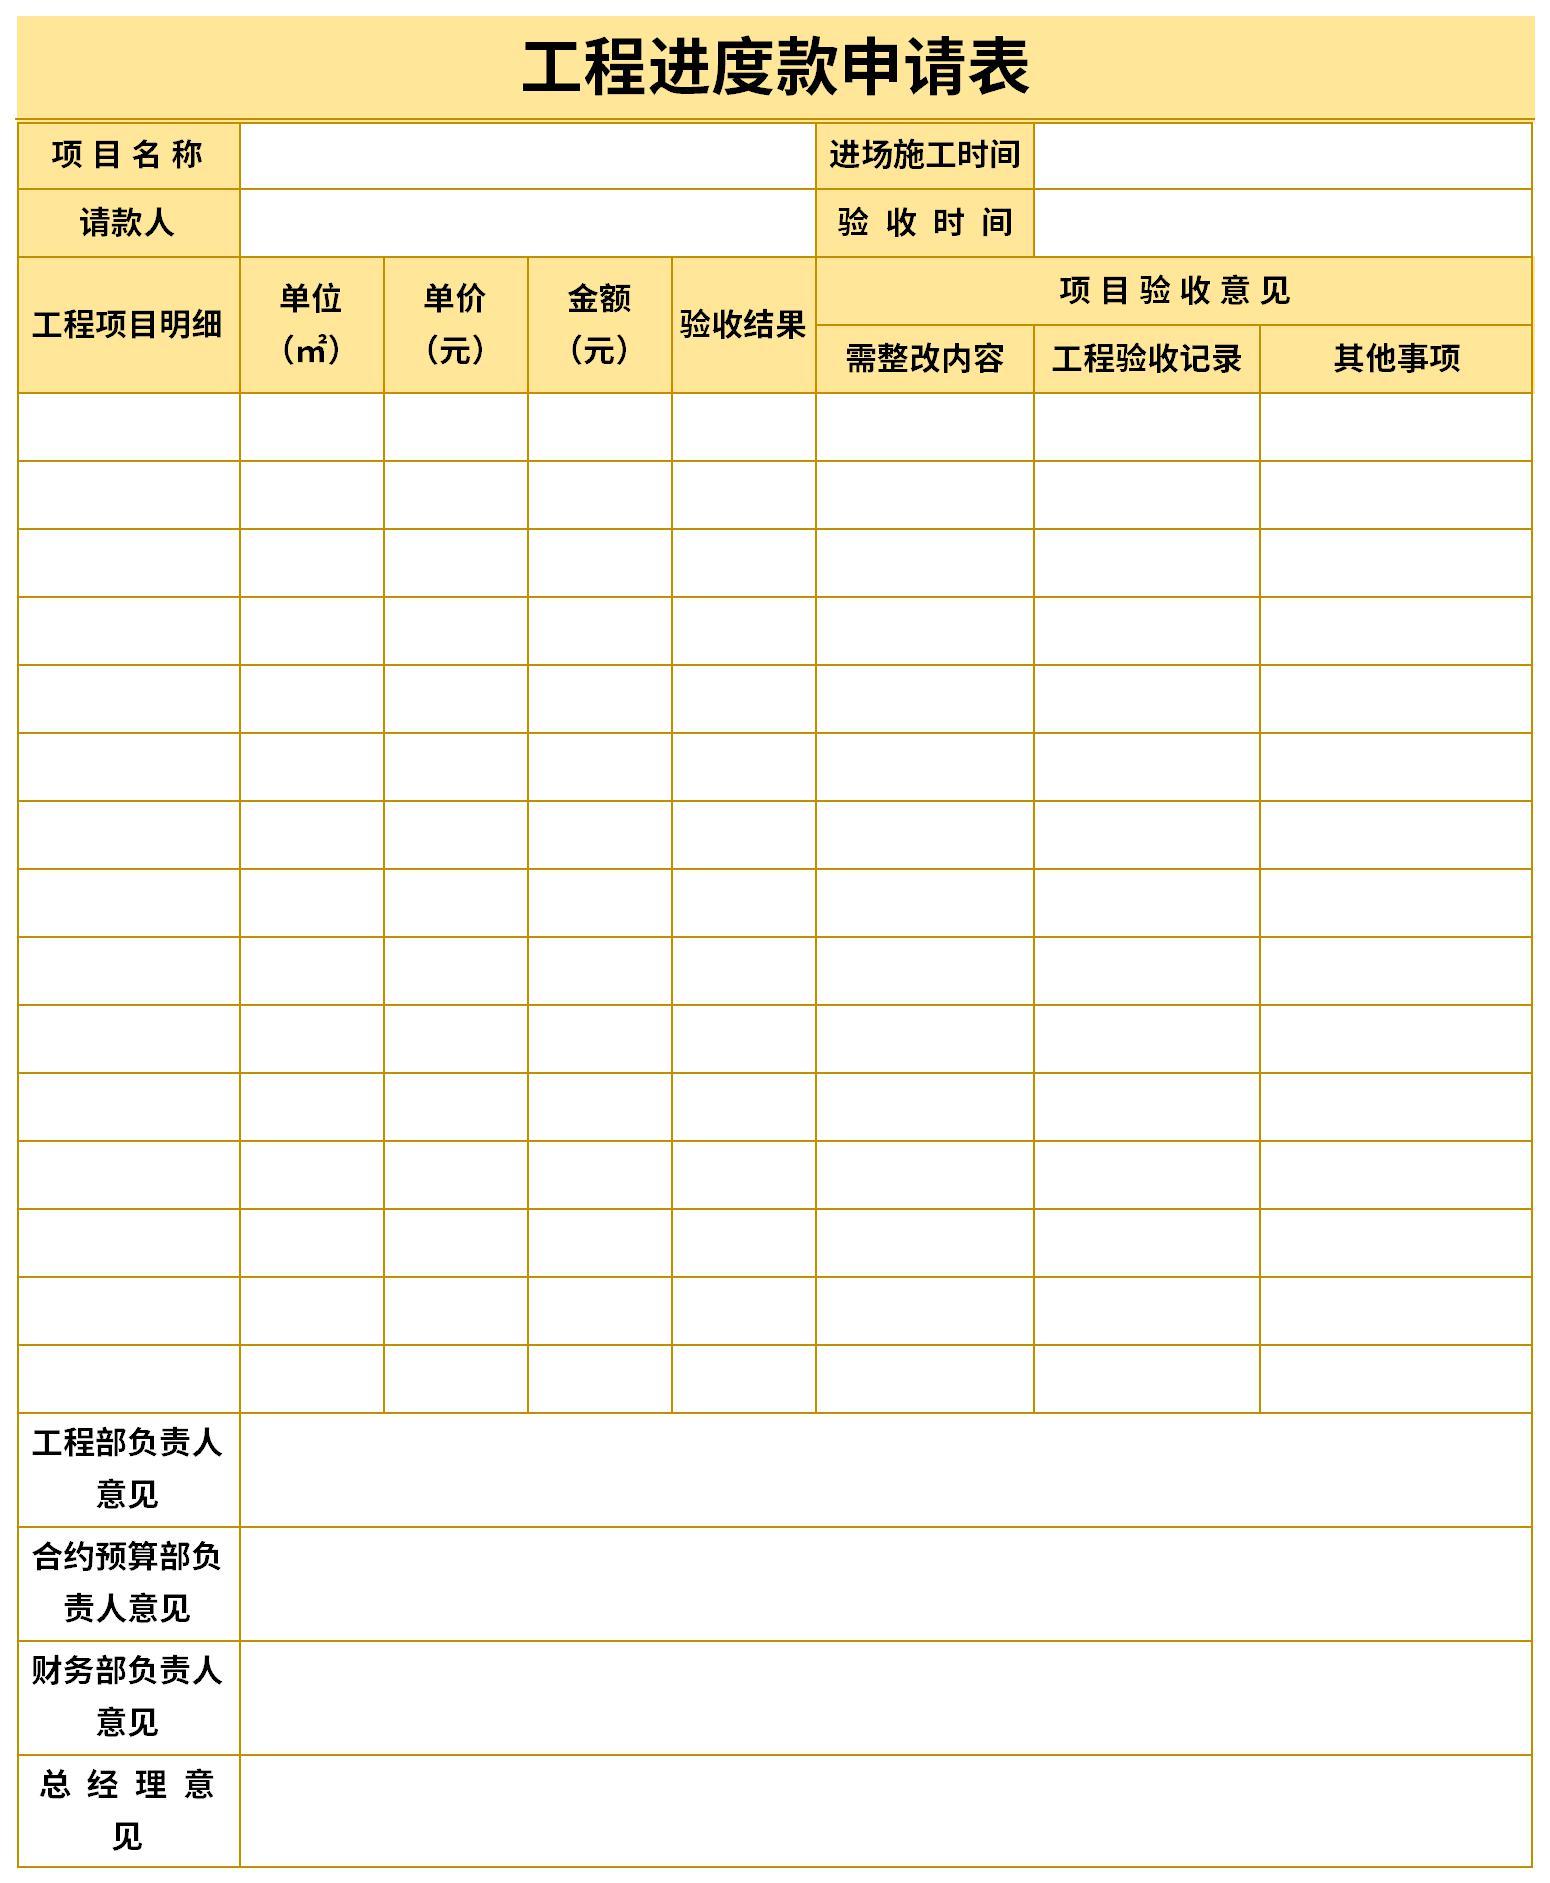 工程进度款申请表截图